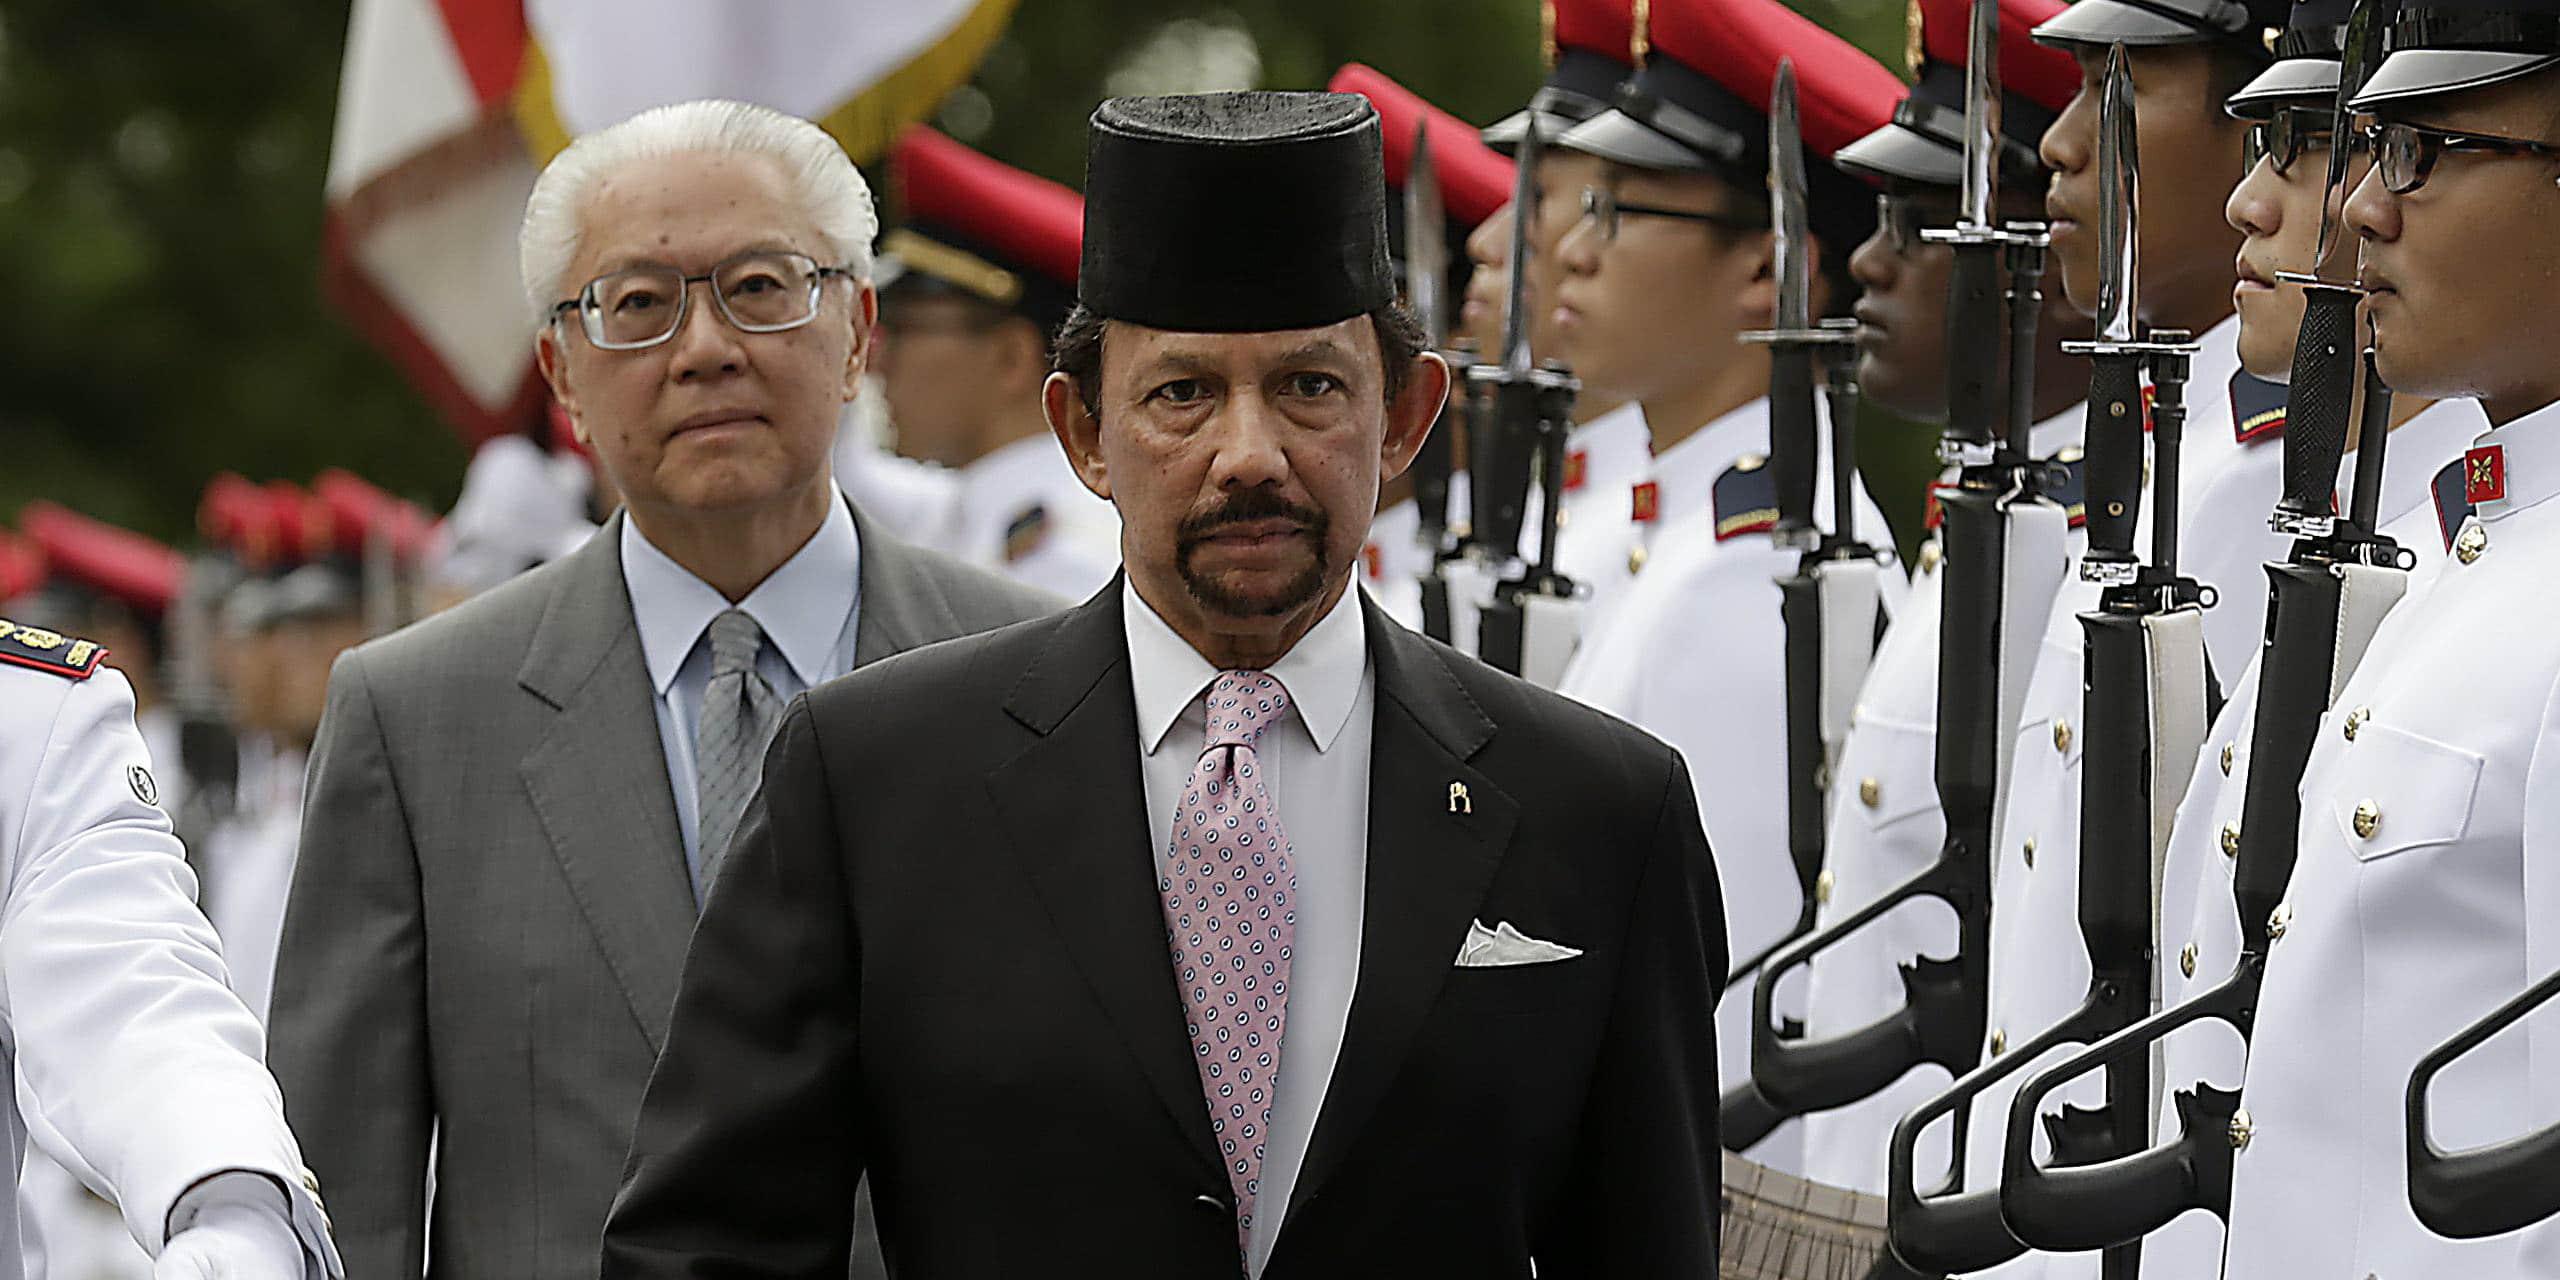 Sultan of Brunei Net Worth 2018: Wiki, Married, Family, Wedding